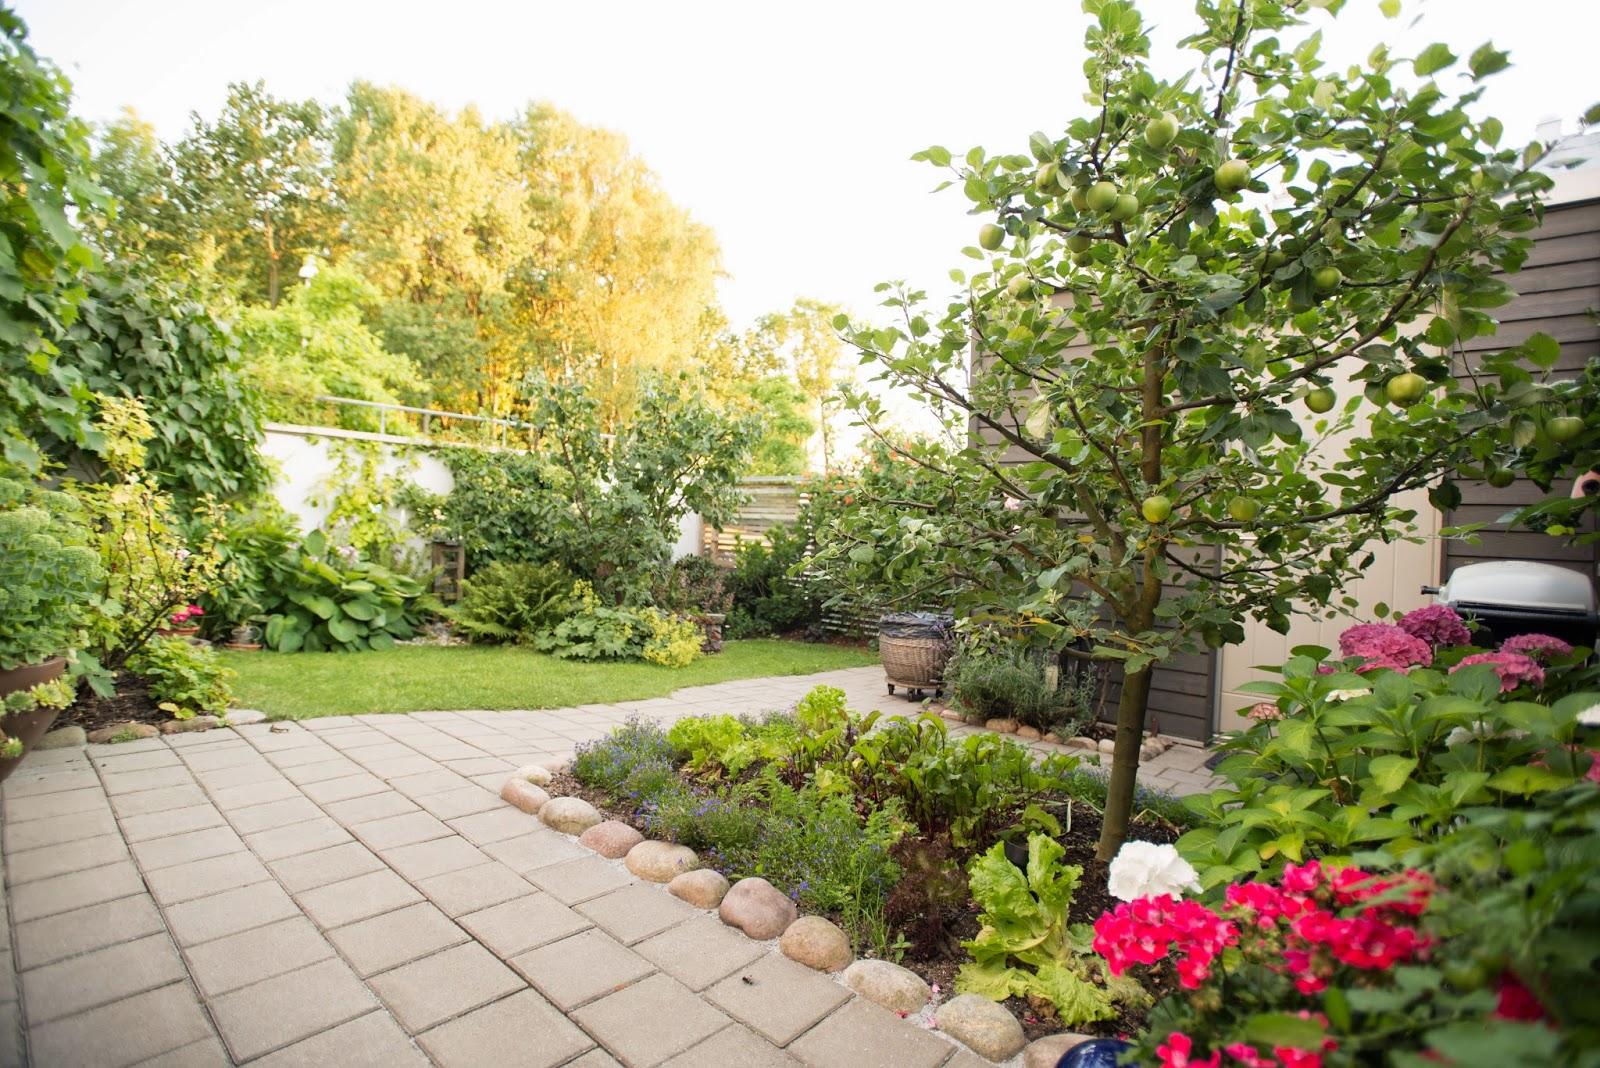 387 kvadrat : trädgård på minimal yta.